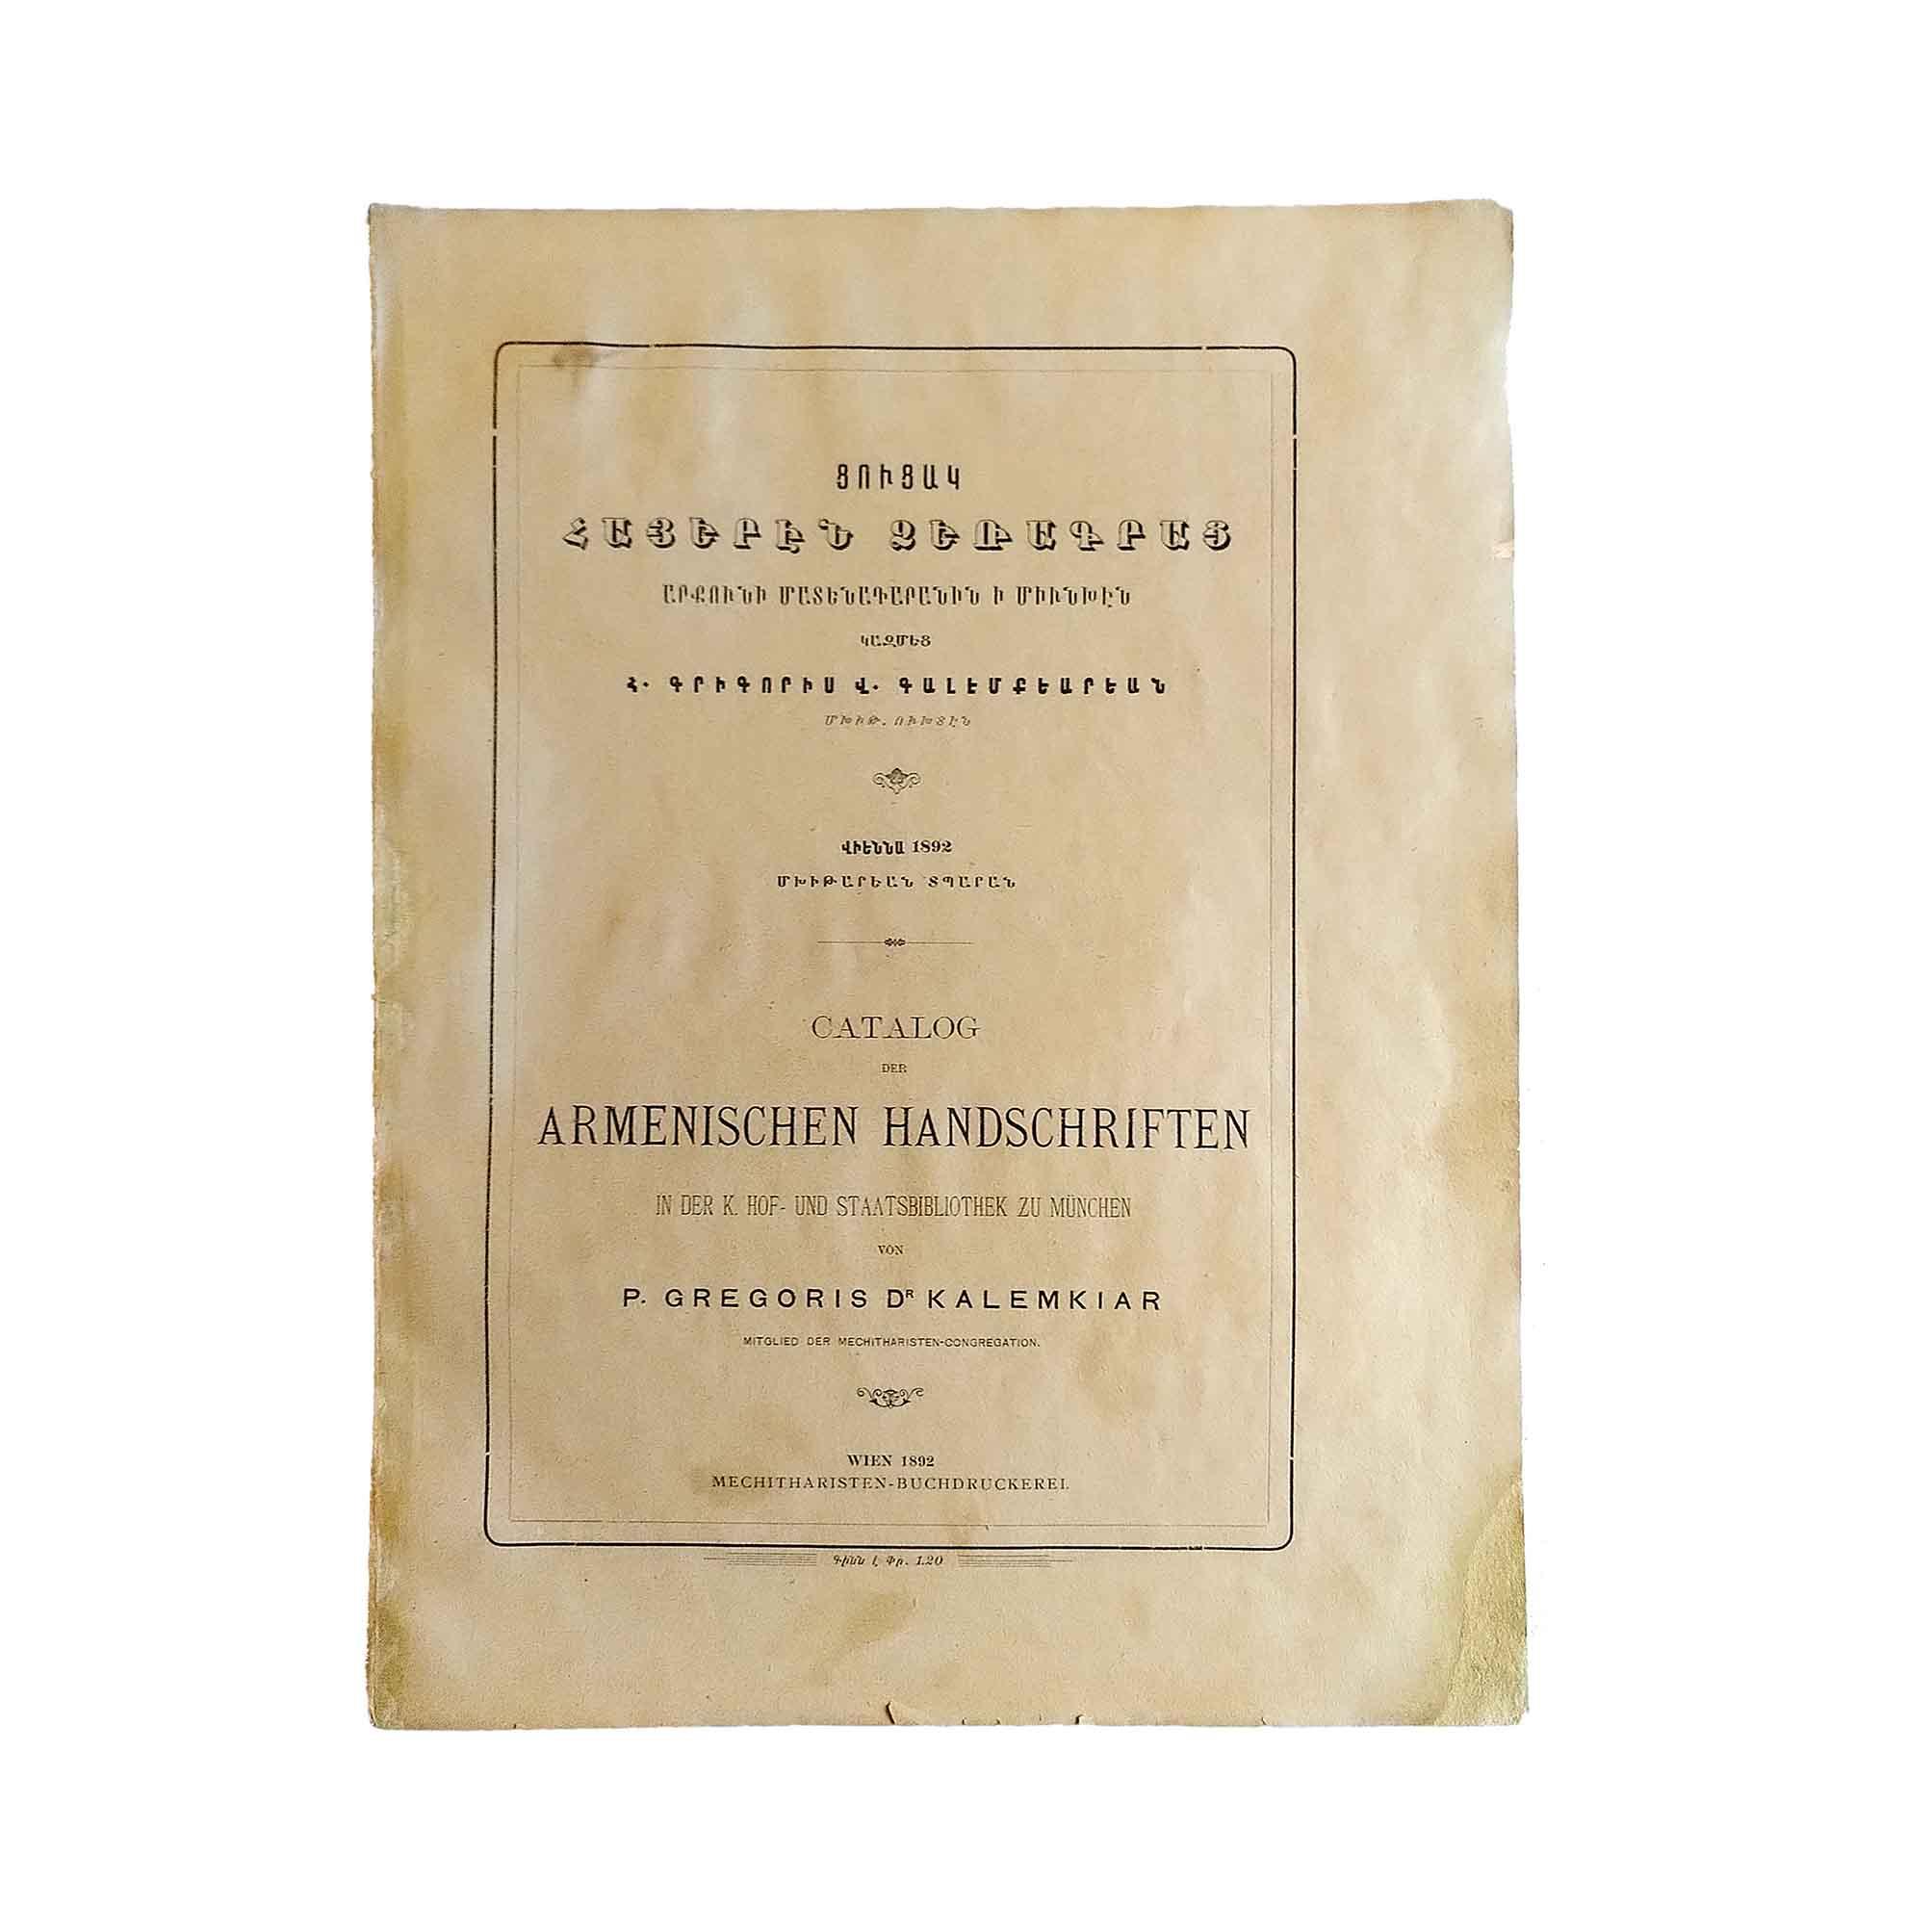 5845-Kalemkiar-Mechitaristen-Katalog-Handschriften-Muenchen-1892-Umschlag-recto-frei-A-N.jpg